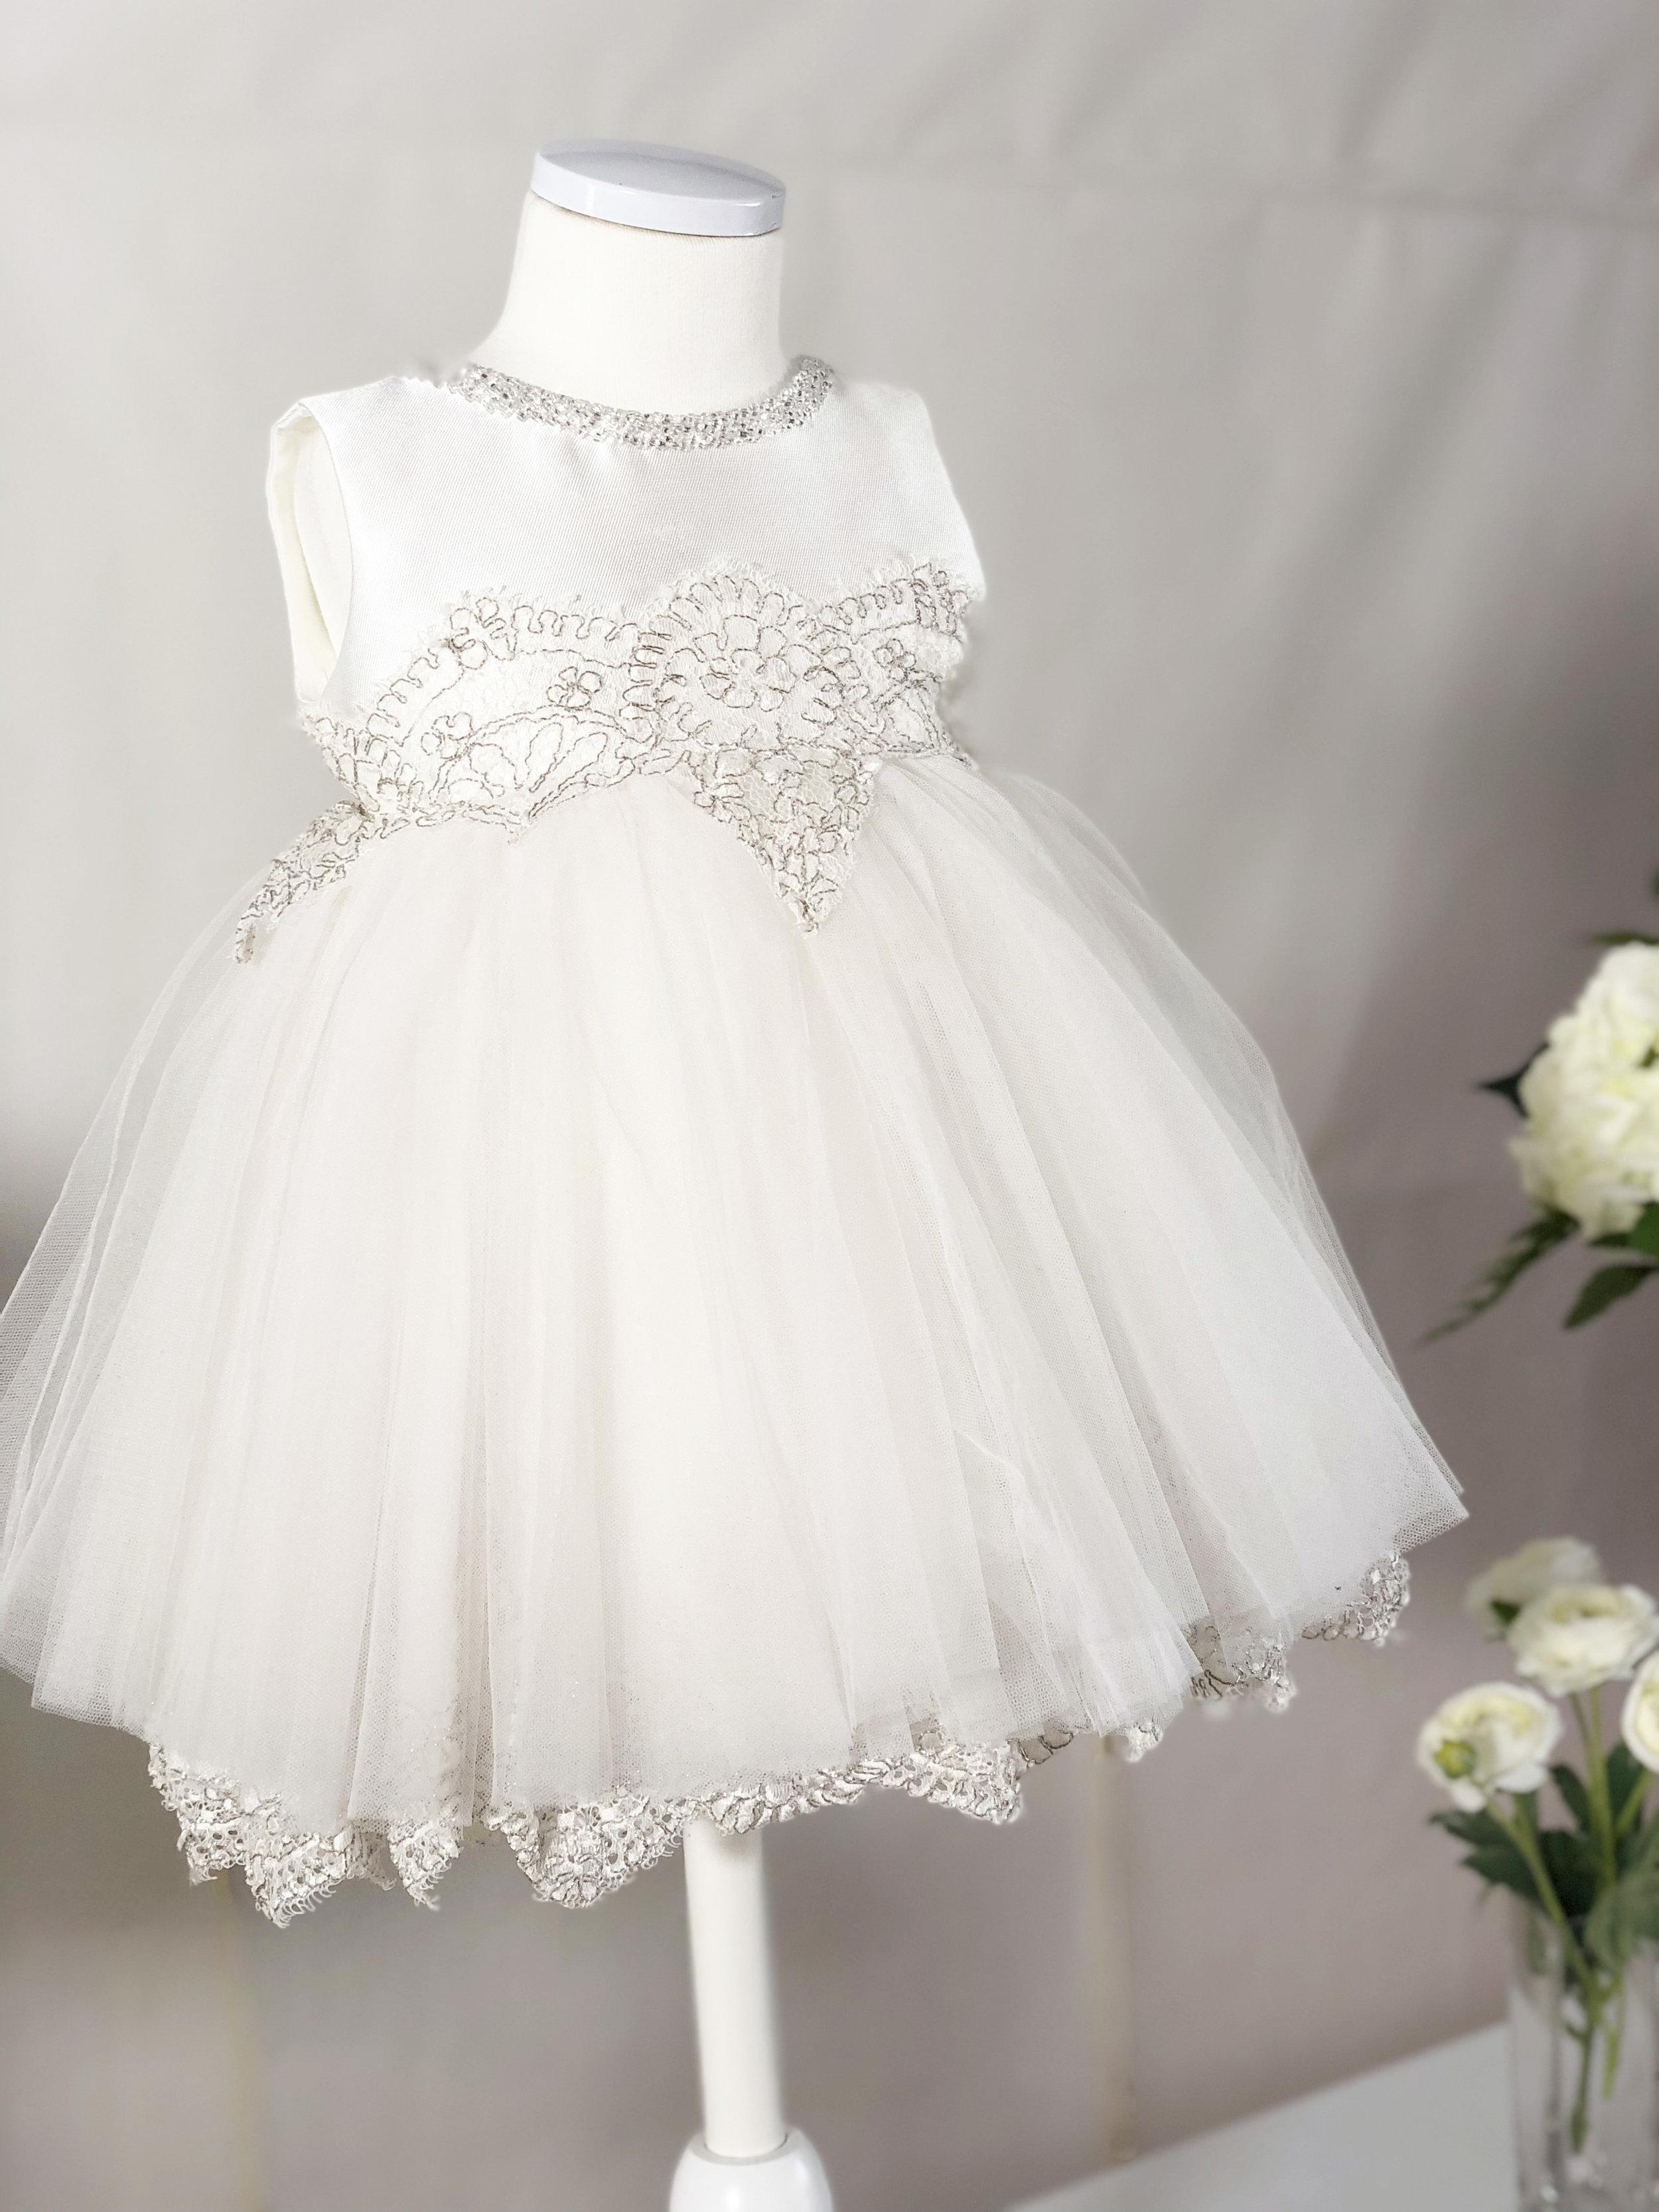 화이트 실버 드레스(White silver dress)